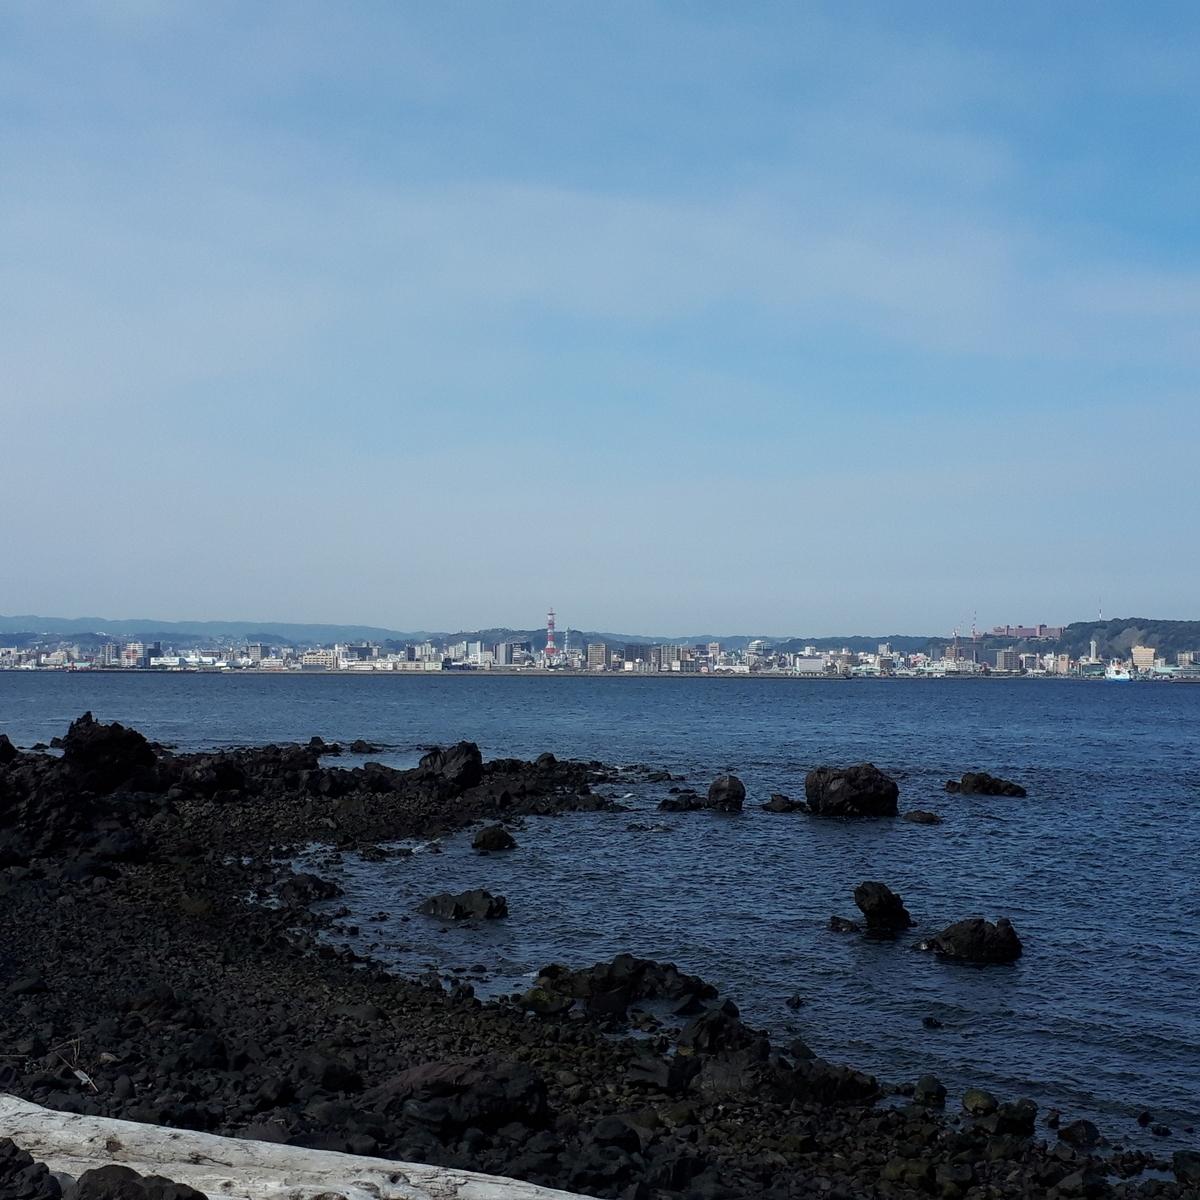 溶岩なぎさ遊歩道から鹿児島市街地を望む